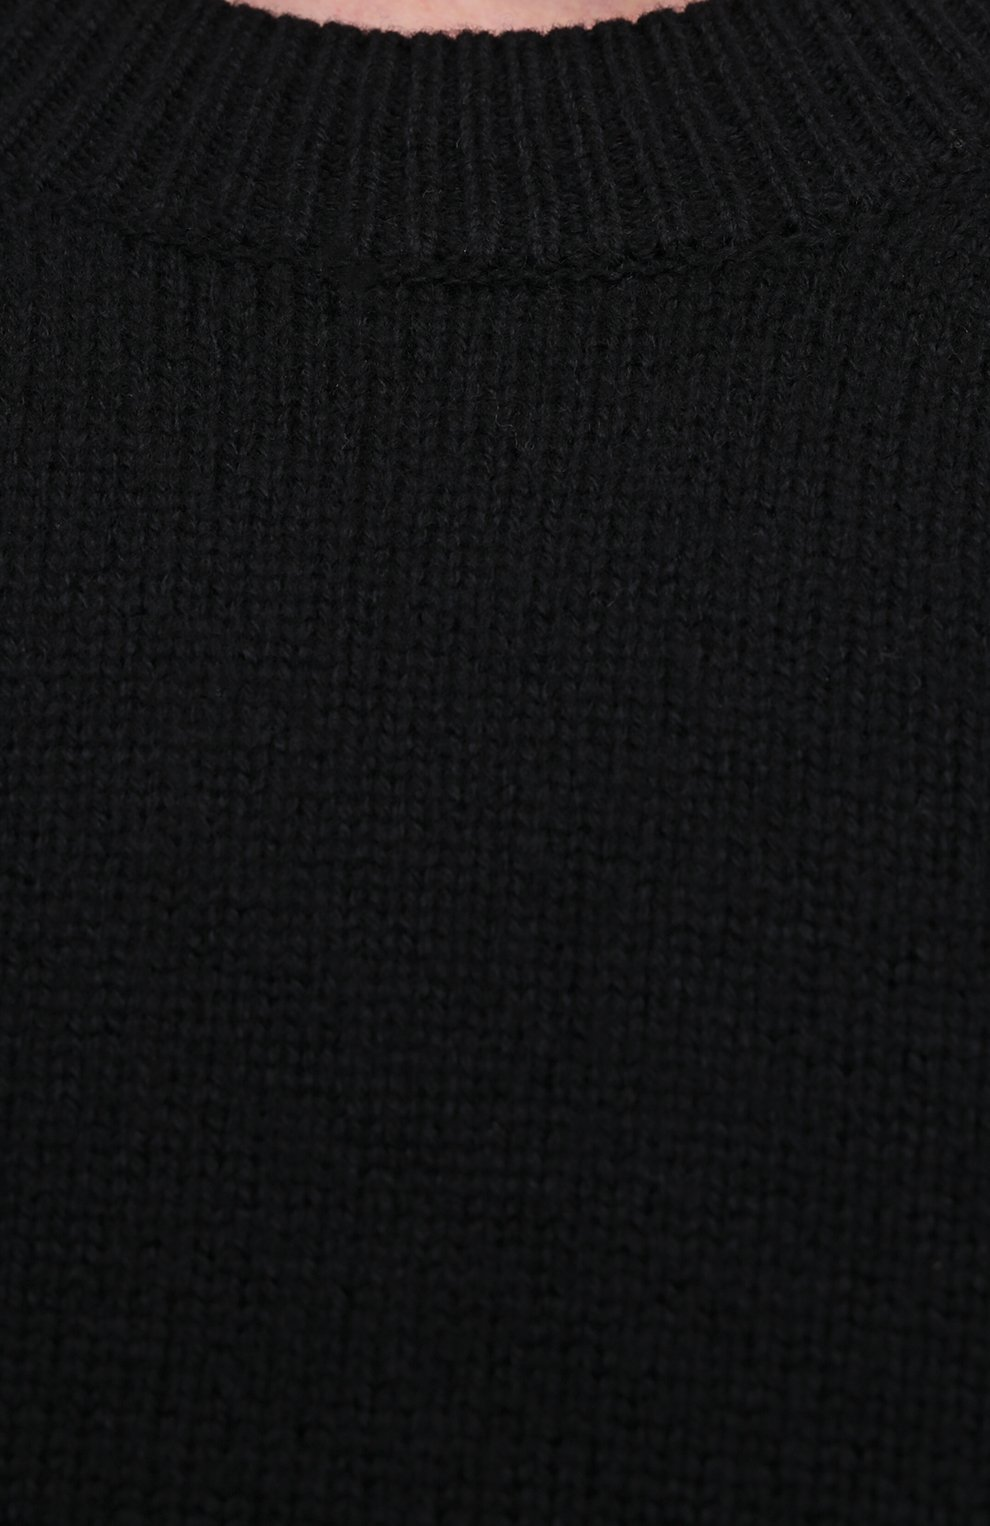 Мужской шерстяной свитер BOTTEGA VENETA темно-синего цвета, арт. 638771/V07J0 | Фото 5 (Материал внешний: Шерсть; Рукава: Длинные; Принт: Без принта; Длина (для топов): Стандартные; Стили: Минимализм)